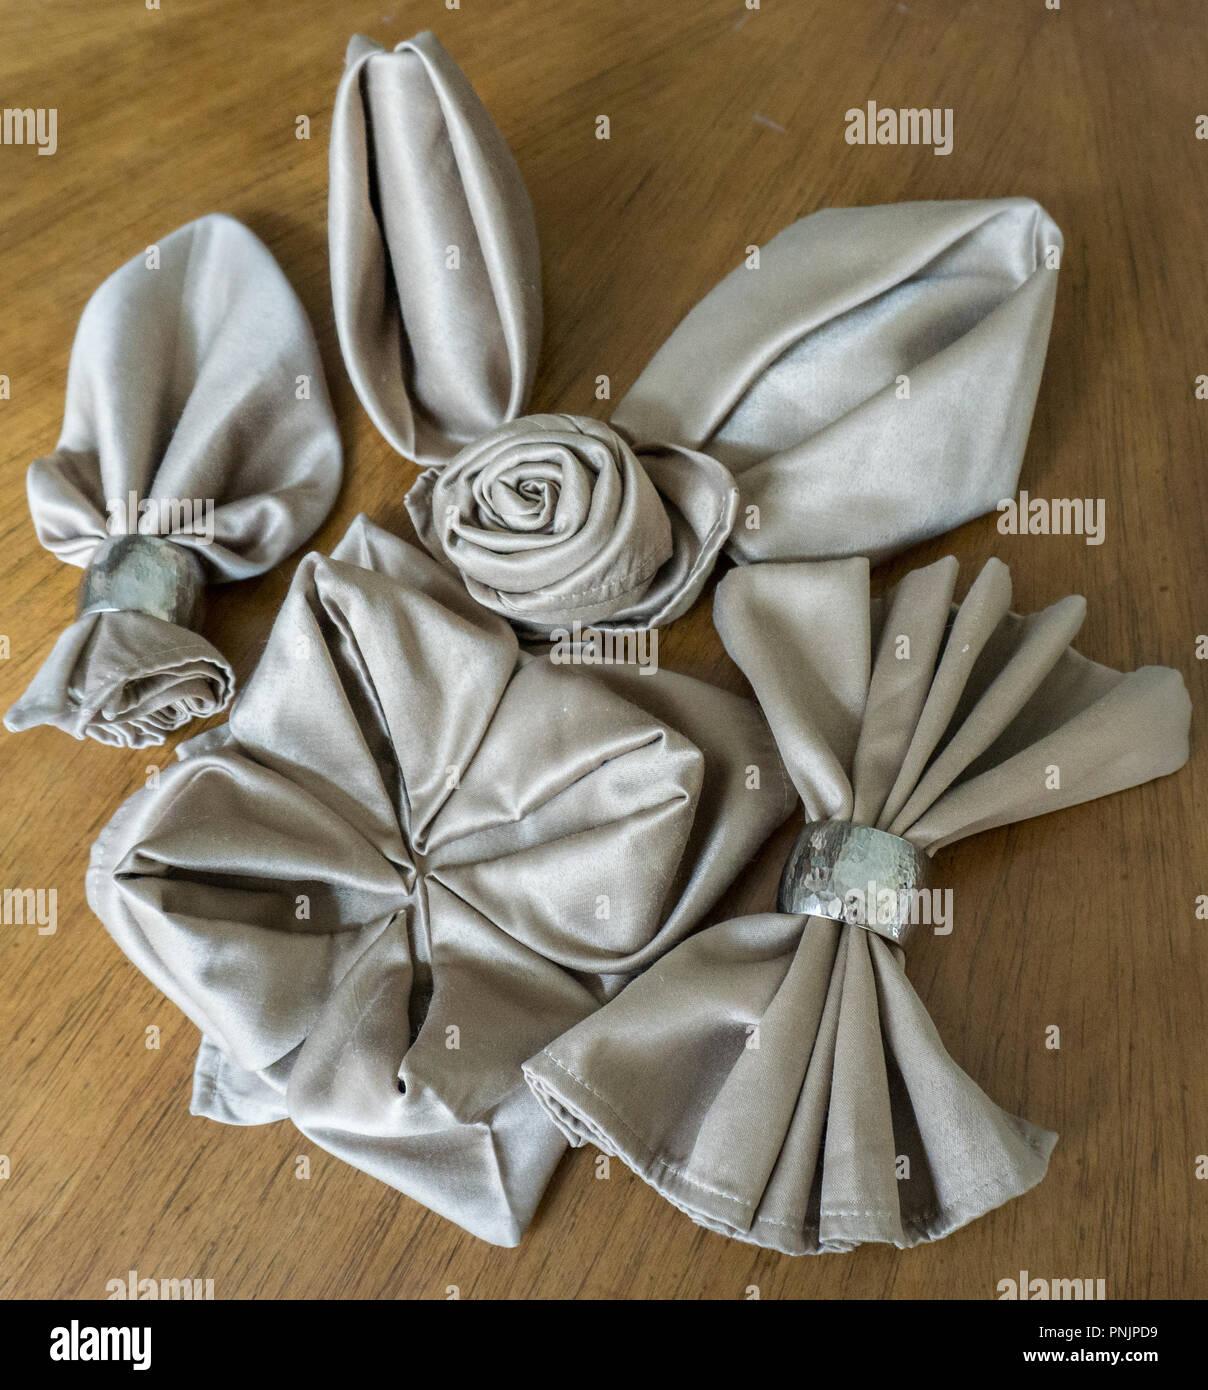 Pliage De Serviette Original brillant or assortmente original différents pliages de